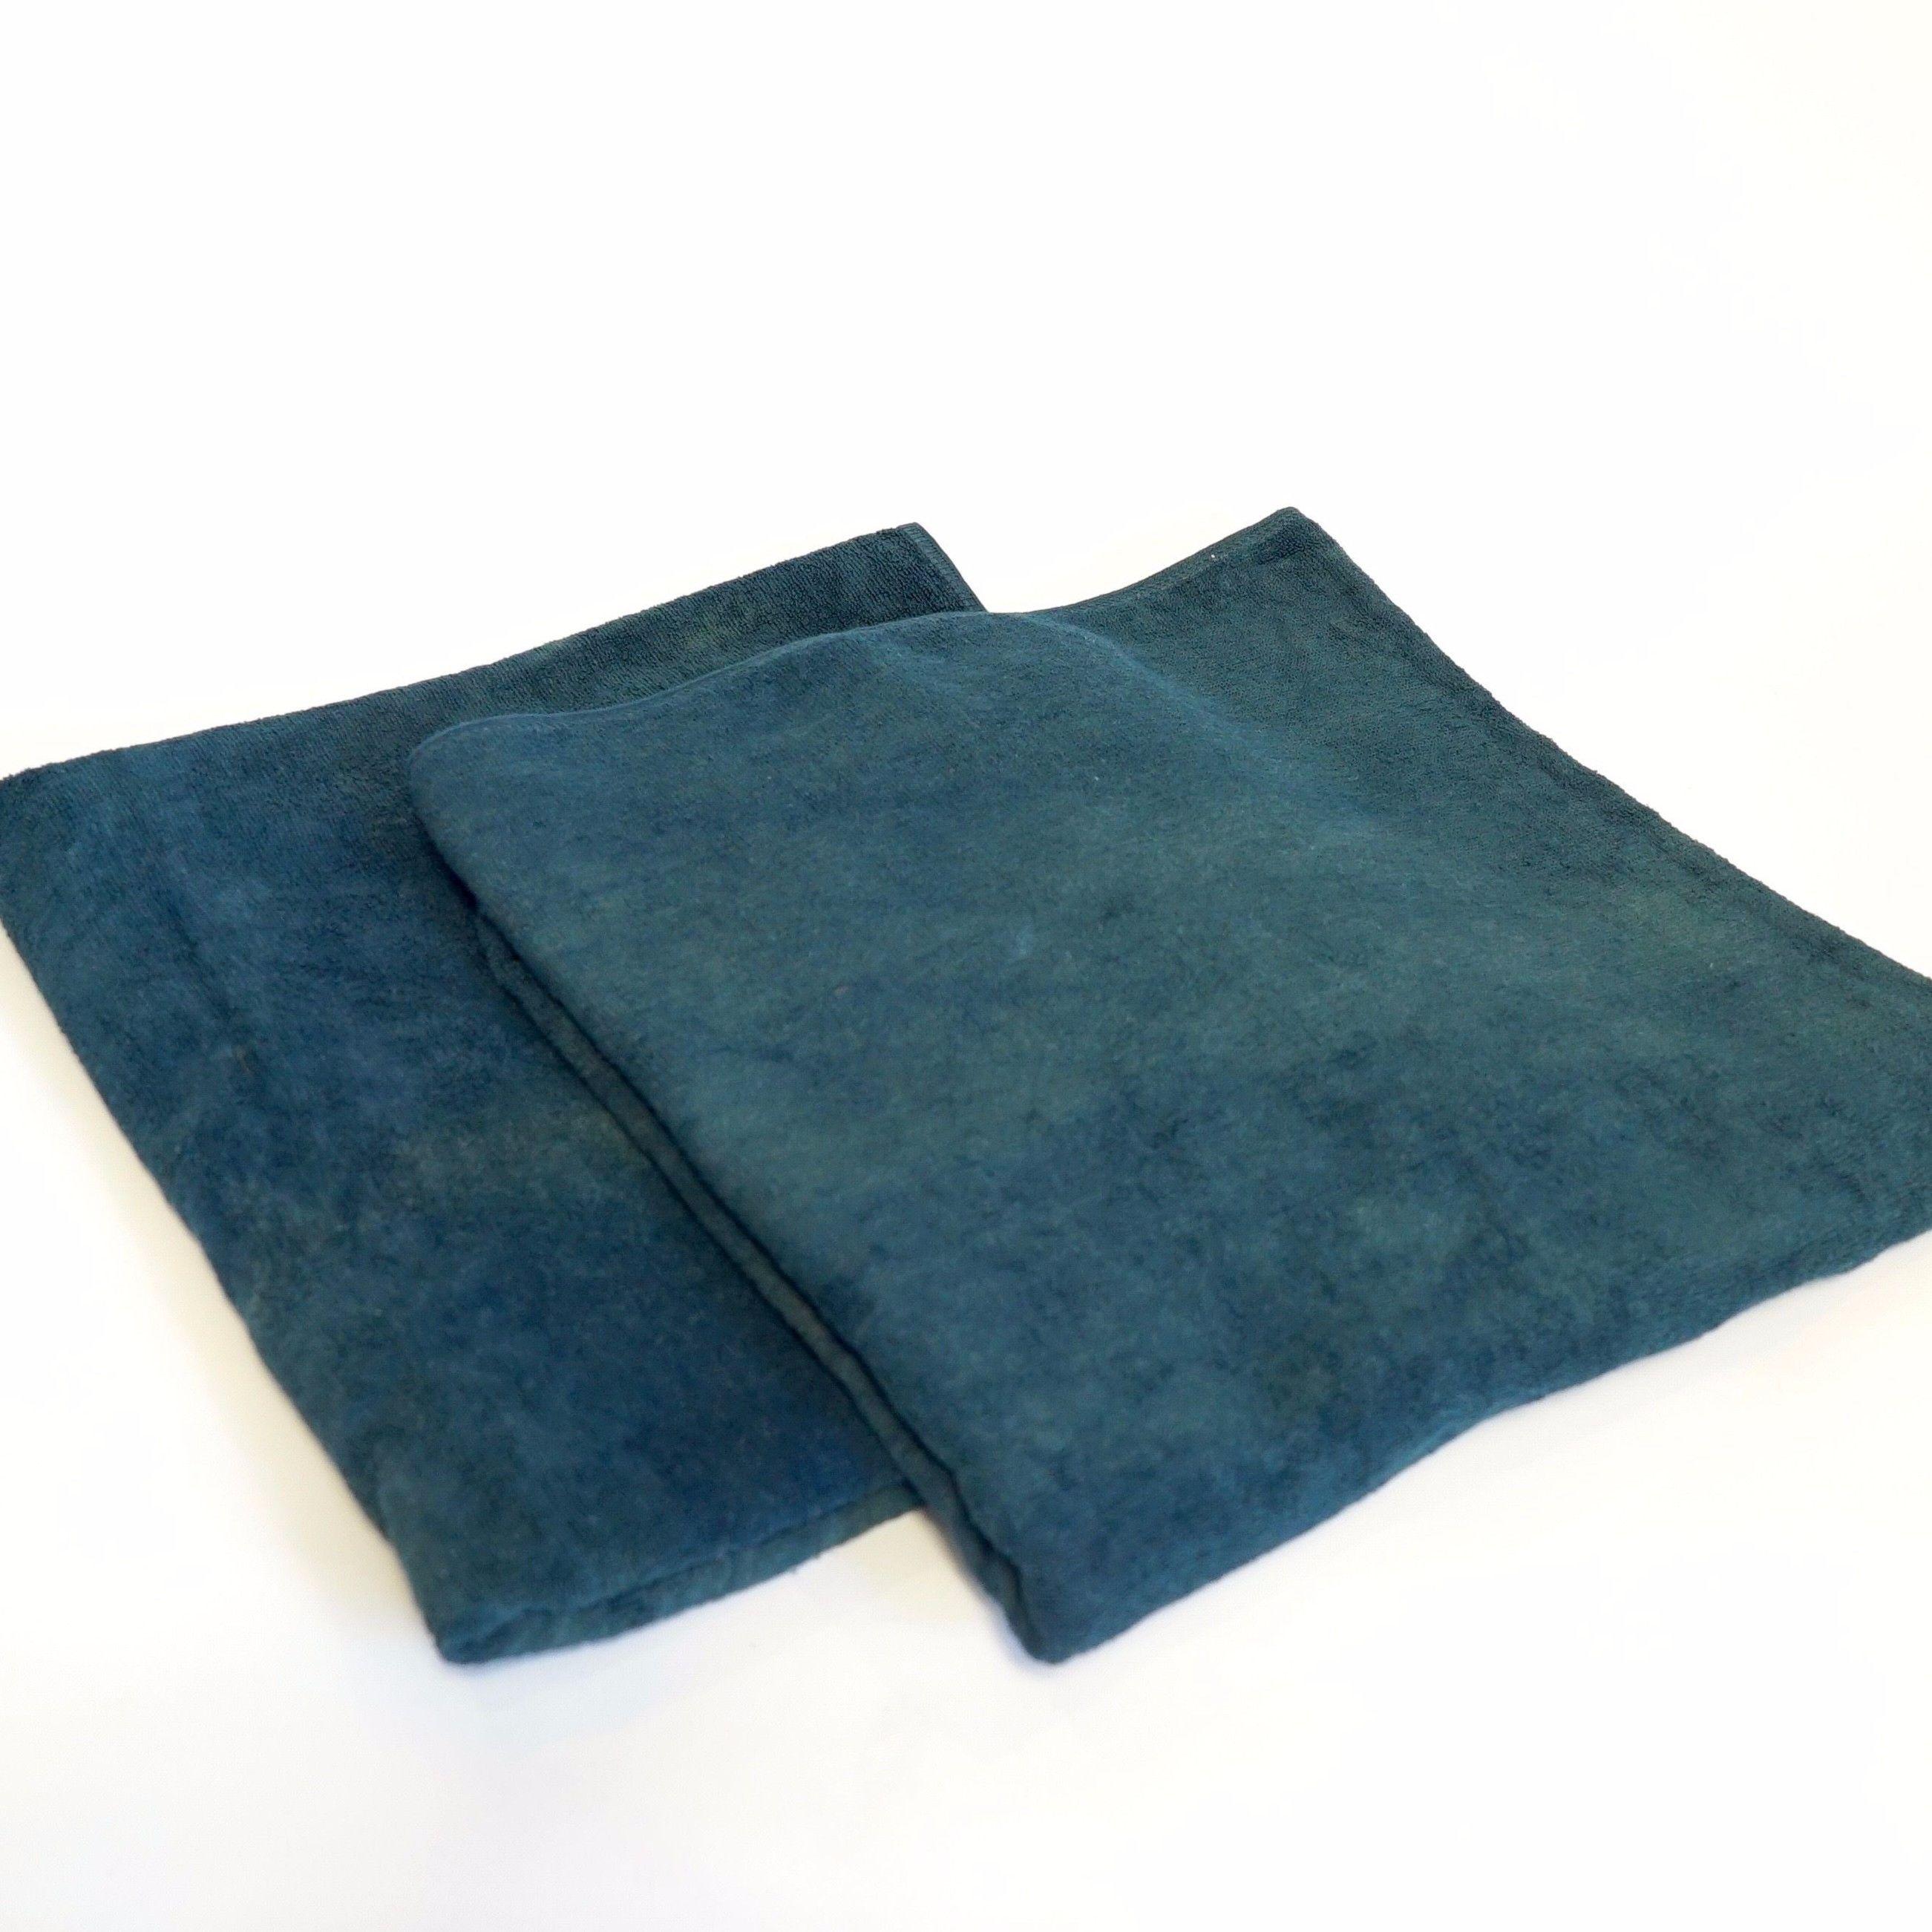 【ギフト】藍染バスタオル 2枚 《お得セット》